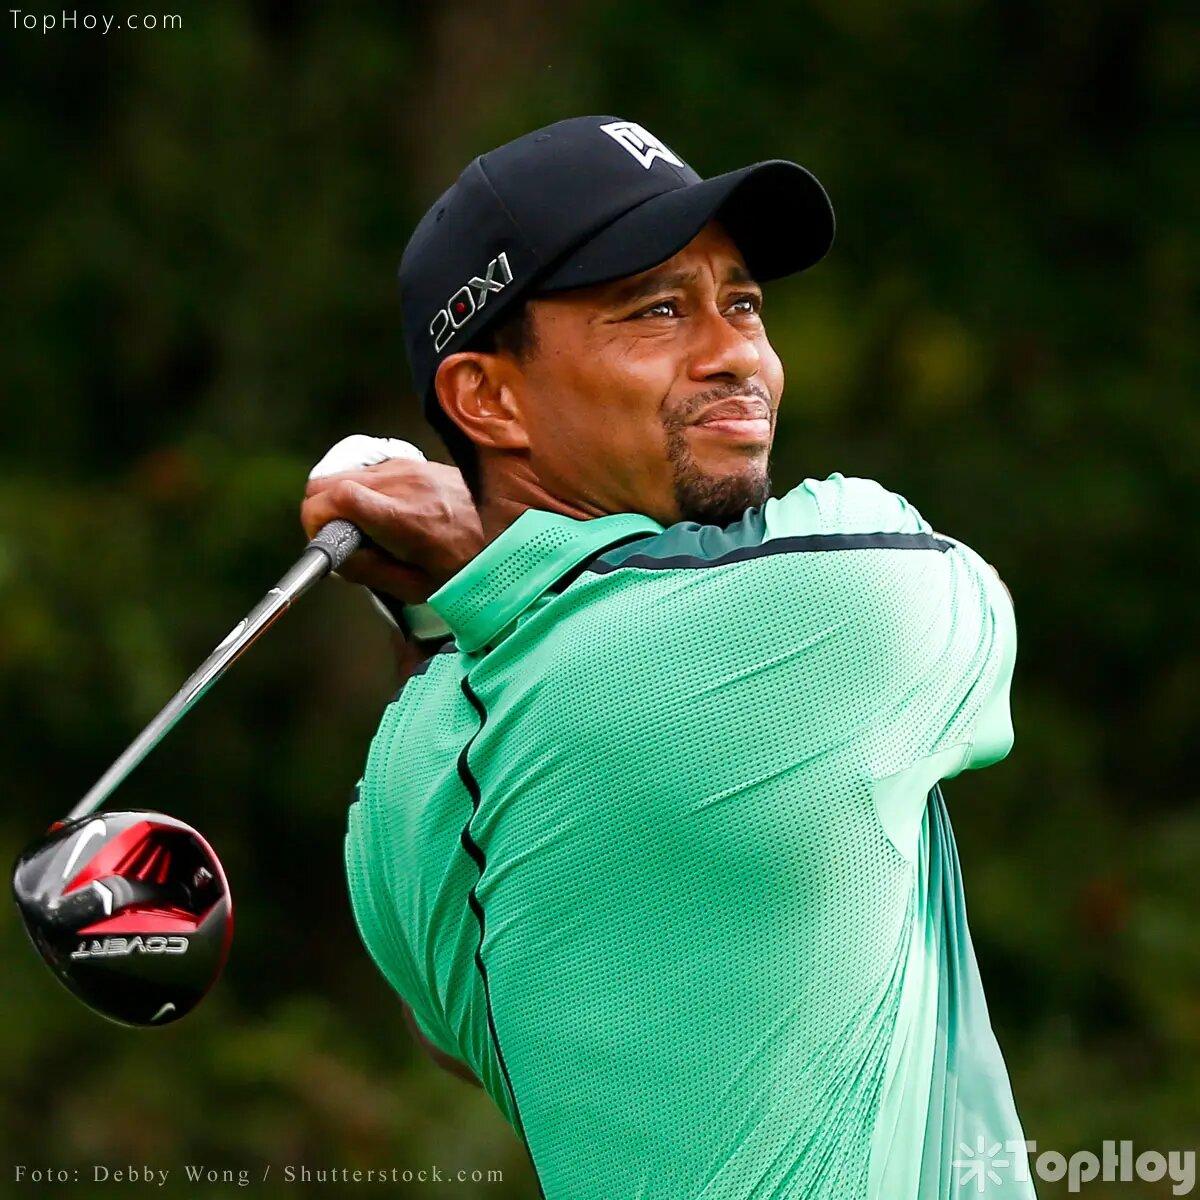 """No importa que tan bueno seas, lo emocionante es que te puedes volver mejor. /Eldrick """"Tiger"""" Woods. Golfista estadounidense."""